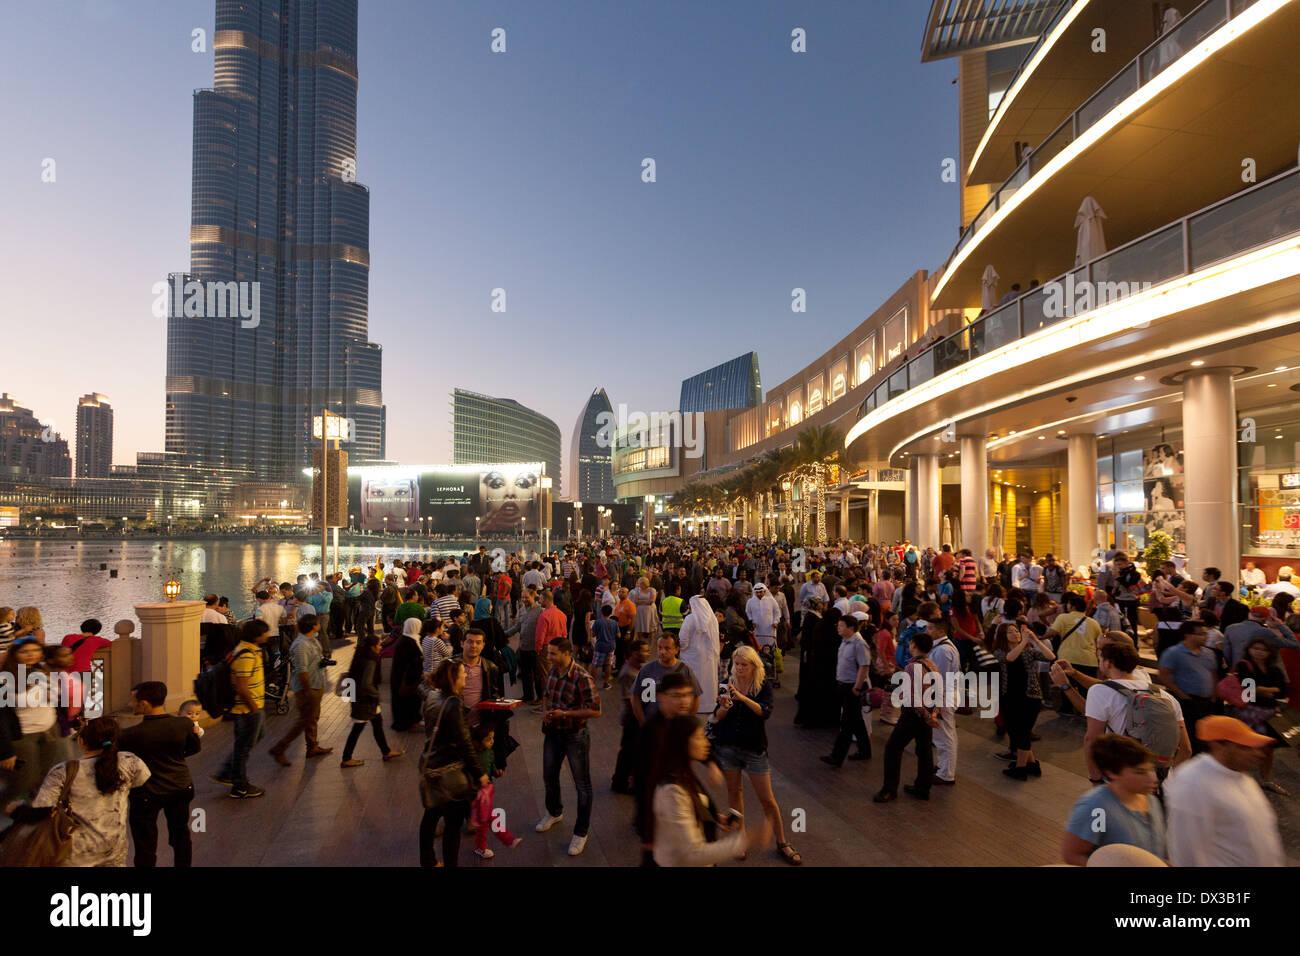 Dubai Mall, lake and Burj Khalifa with crowds of people at sunset, Dubai, UAE, United Arab Emirates Middle East - Stock Image